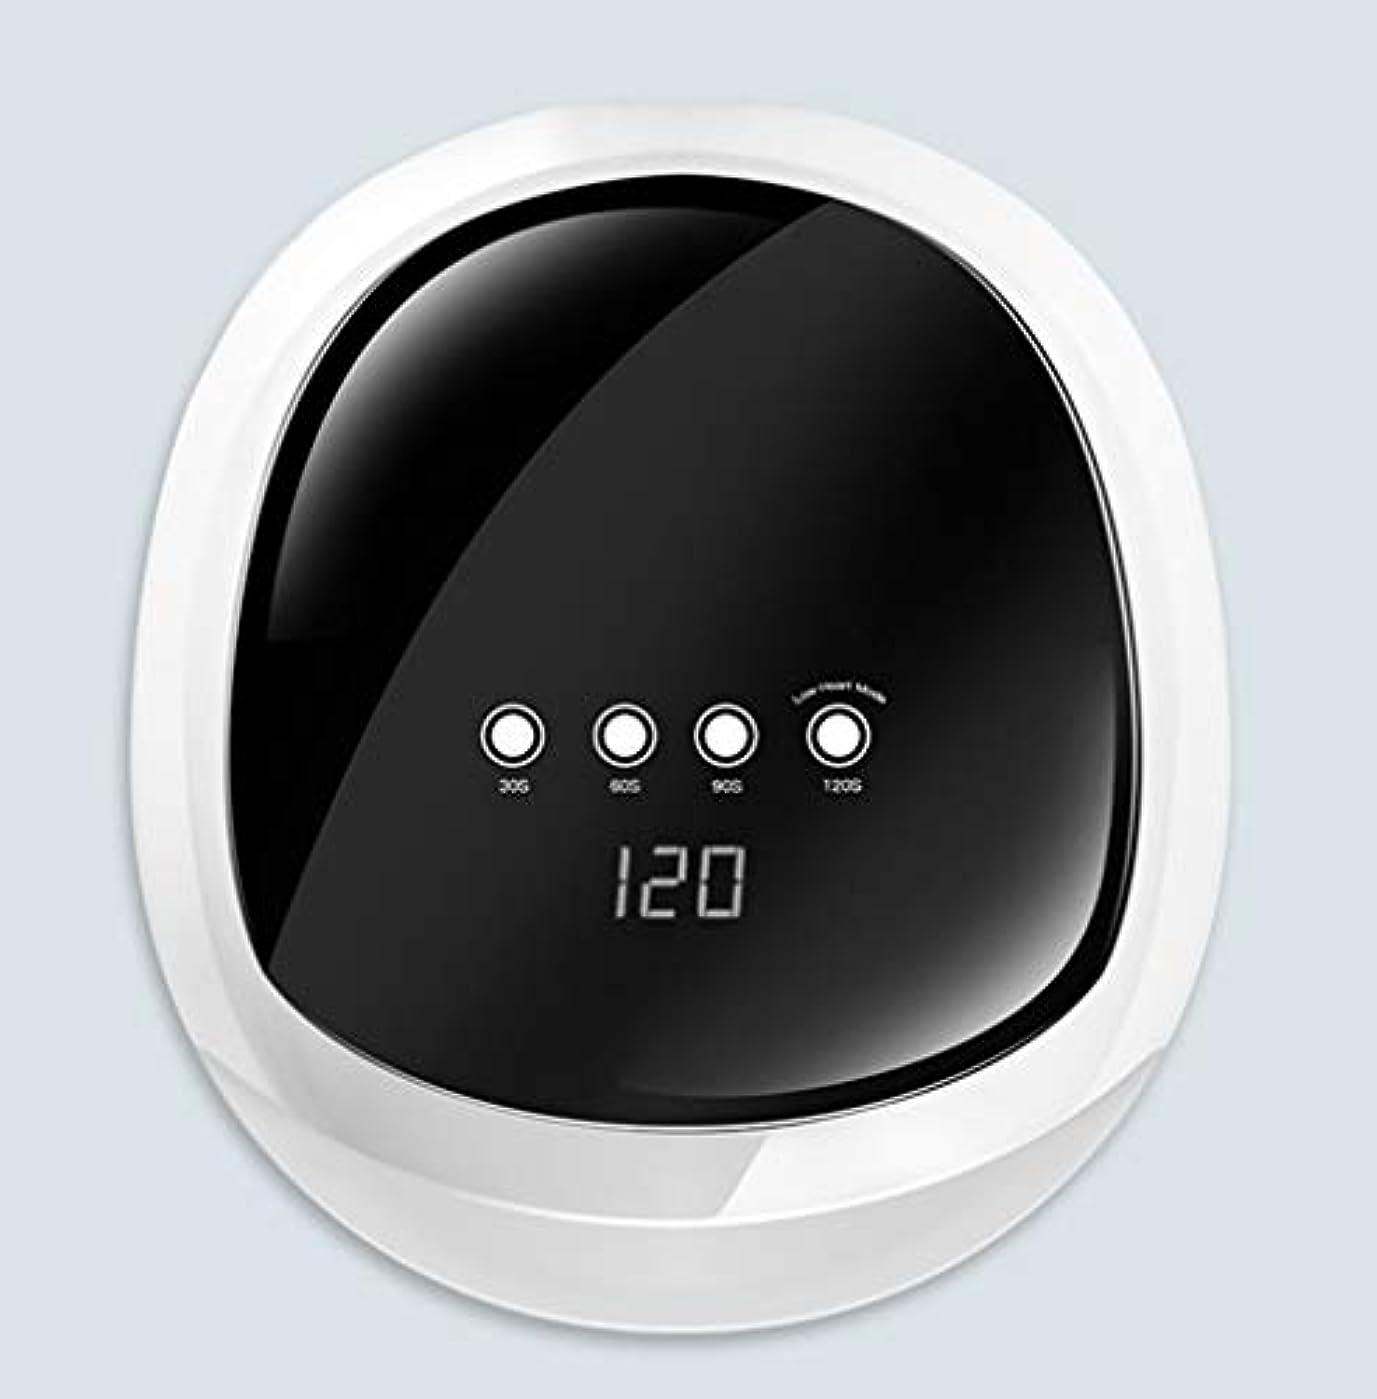 怒る乗算ルートLED UVネイルランプ硬化ランプ、プロフェッショナルマシンマニキュア/ペディキュア、家庭用ネイルアート用ポータブルネイルドライヤー,白